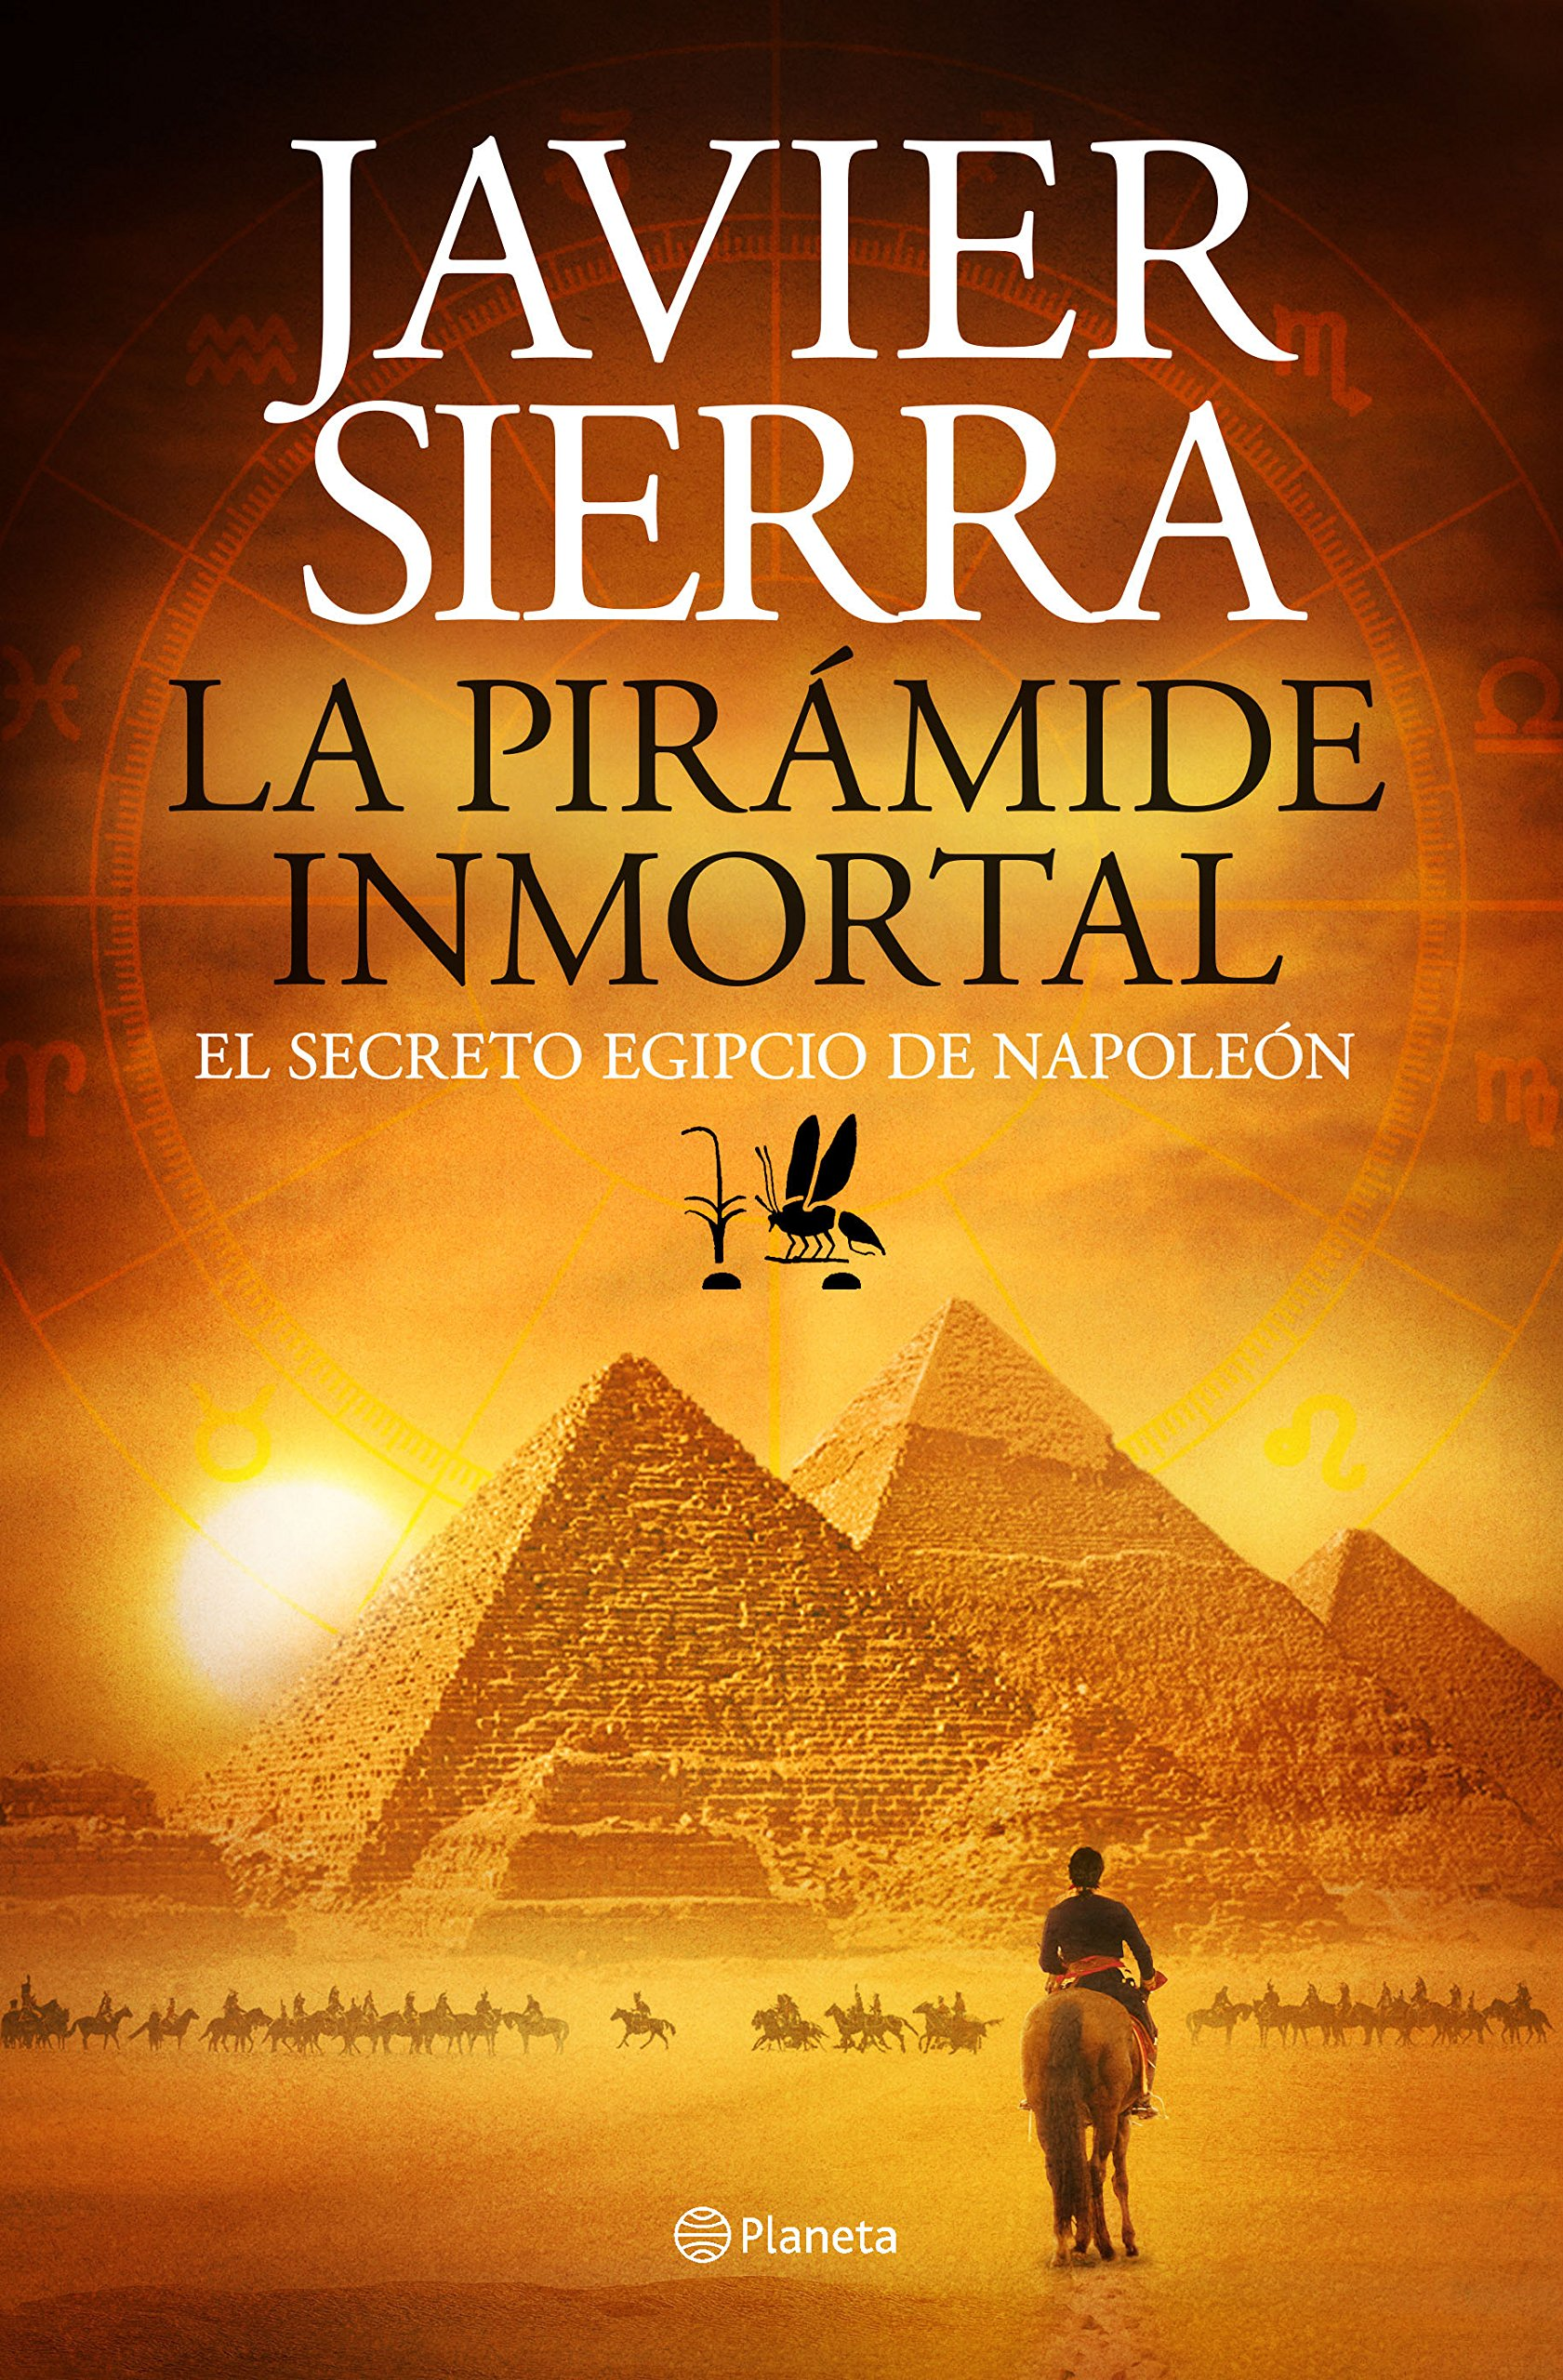 La pirámide inmortal: El secreto egipcio de Napoleón Autores Españoles e Iberoamericanos: Amazon.es: Javier Sierra: Libros